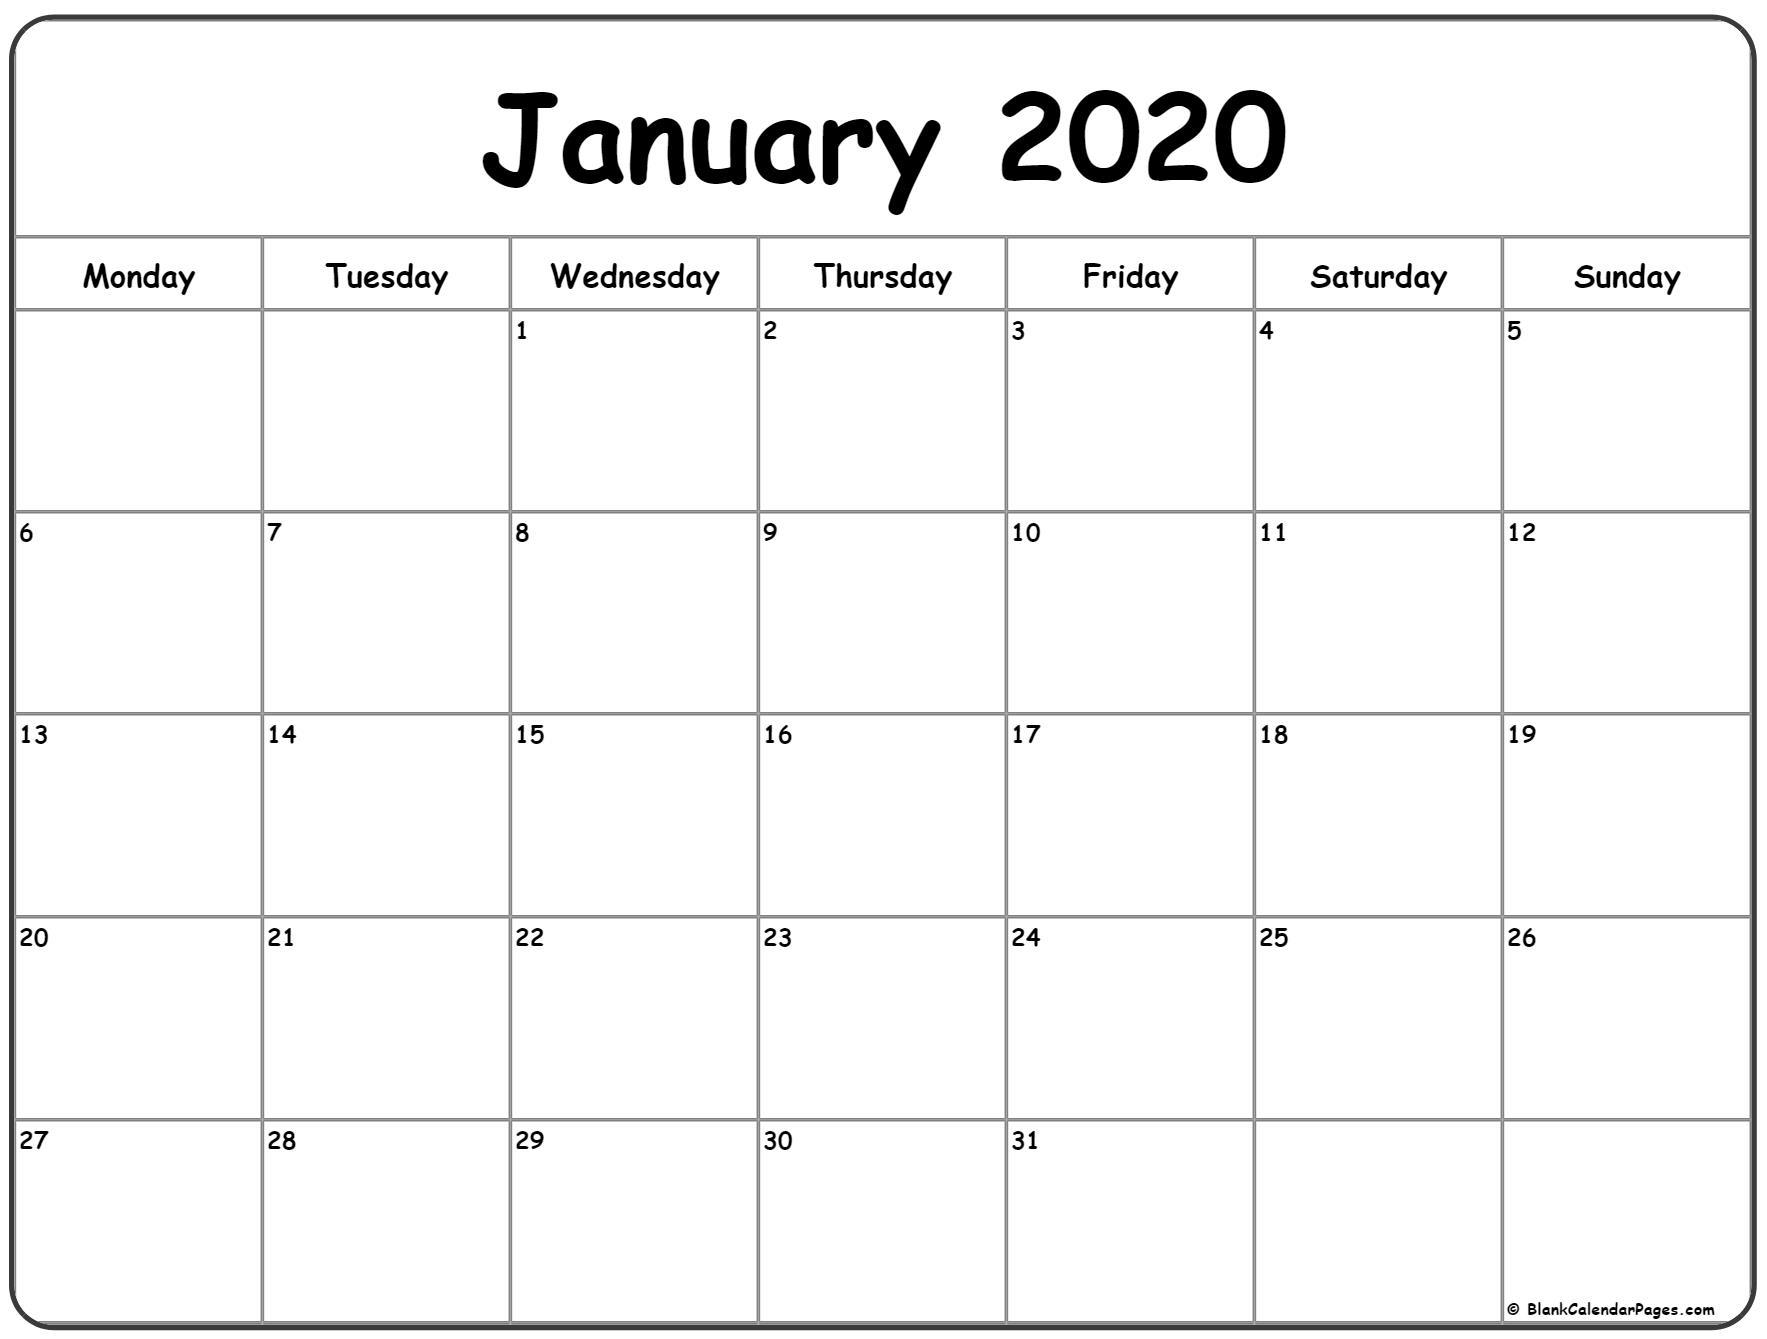 January 2020 Monday Calendar | Monday To Sunday inside January 2020 Calendar